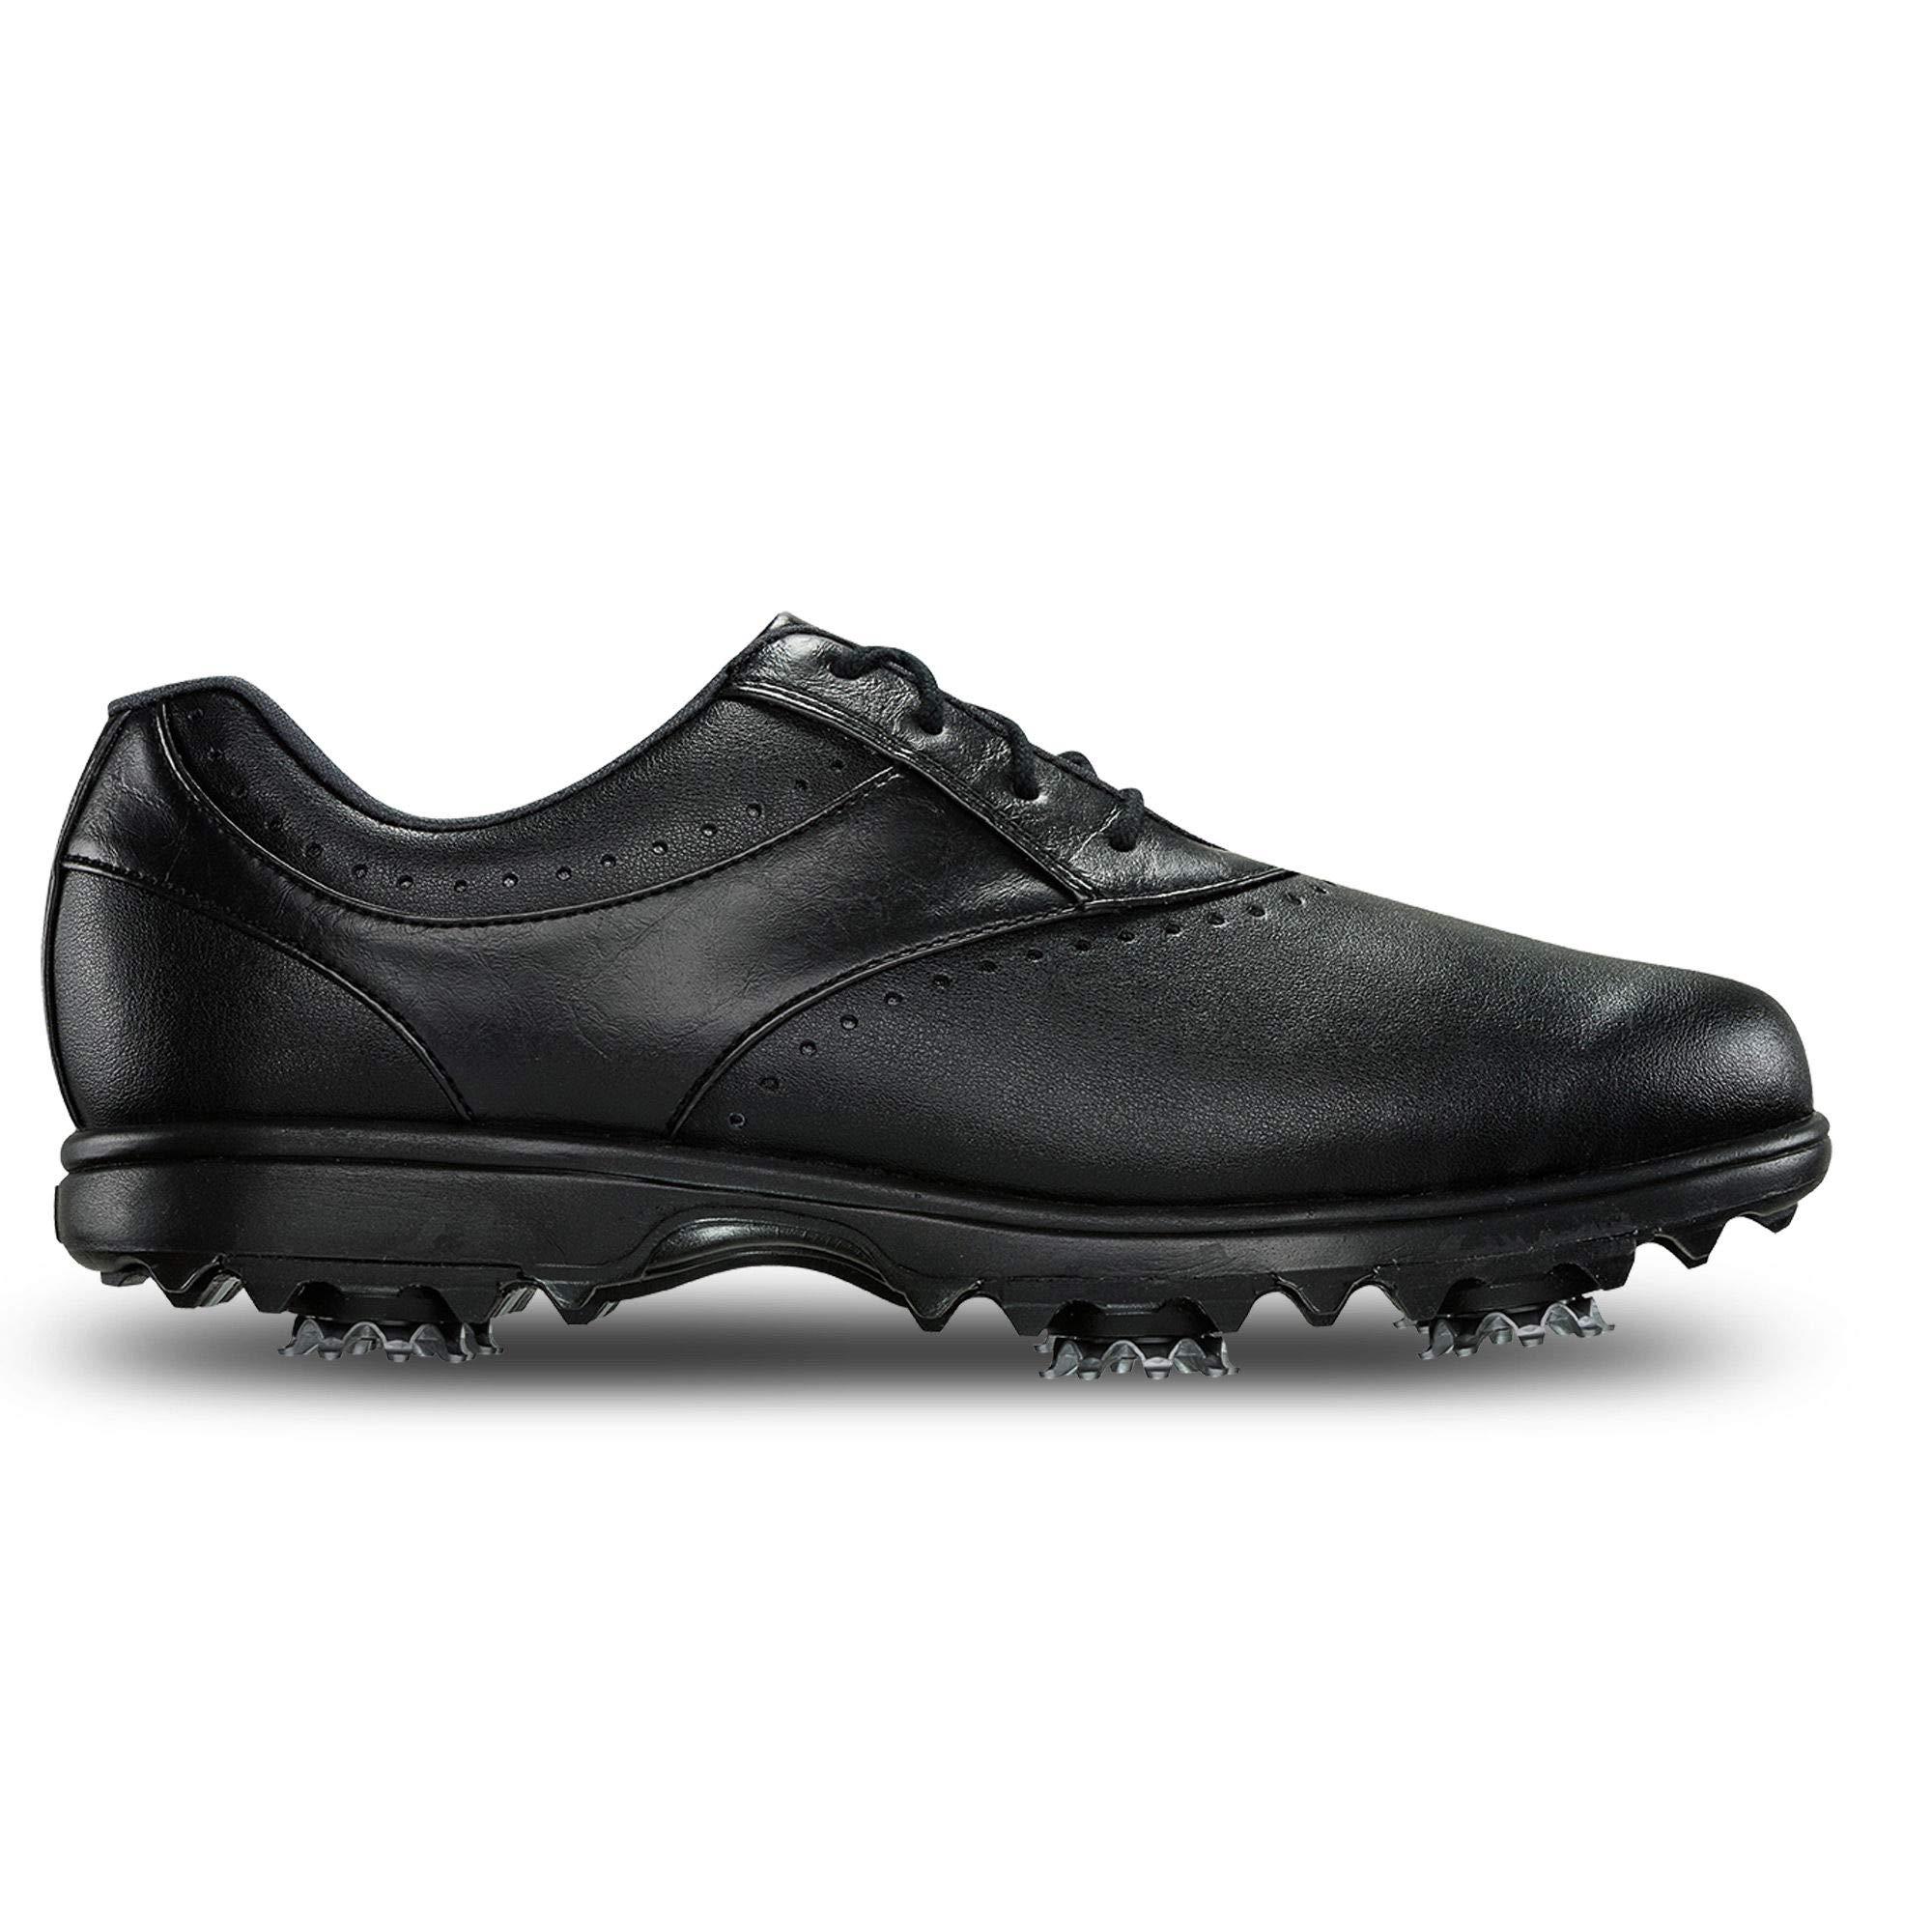 FootJoy Women's Emerge-Previous Season Style Golf Shoes Black 9.5 M US by FootJoy